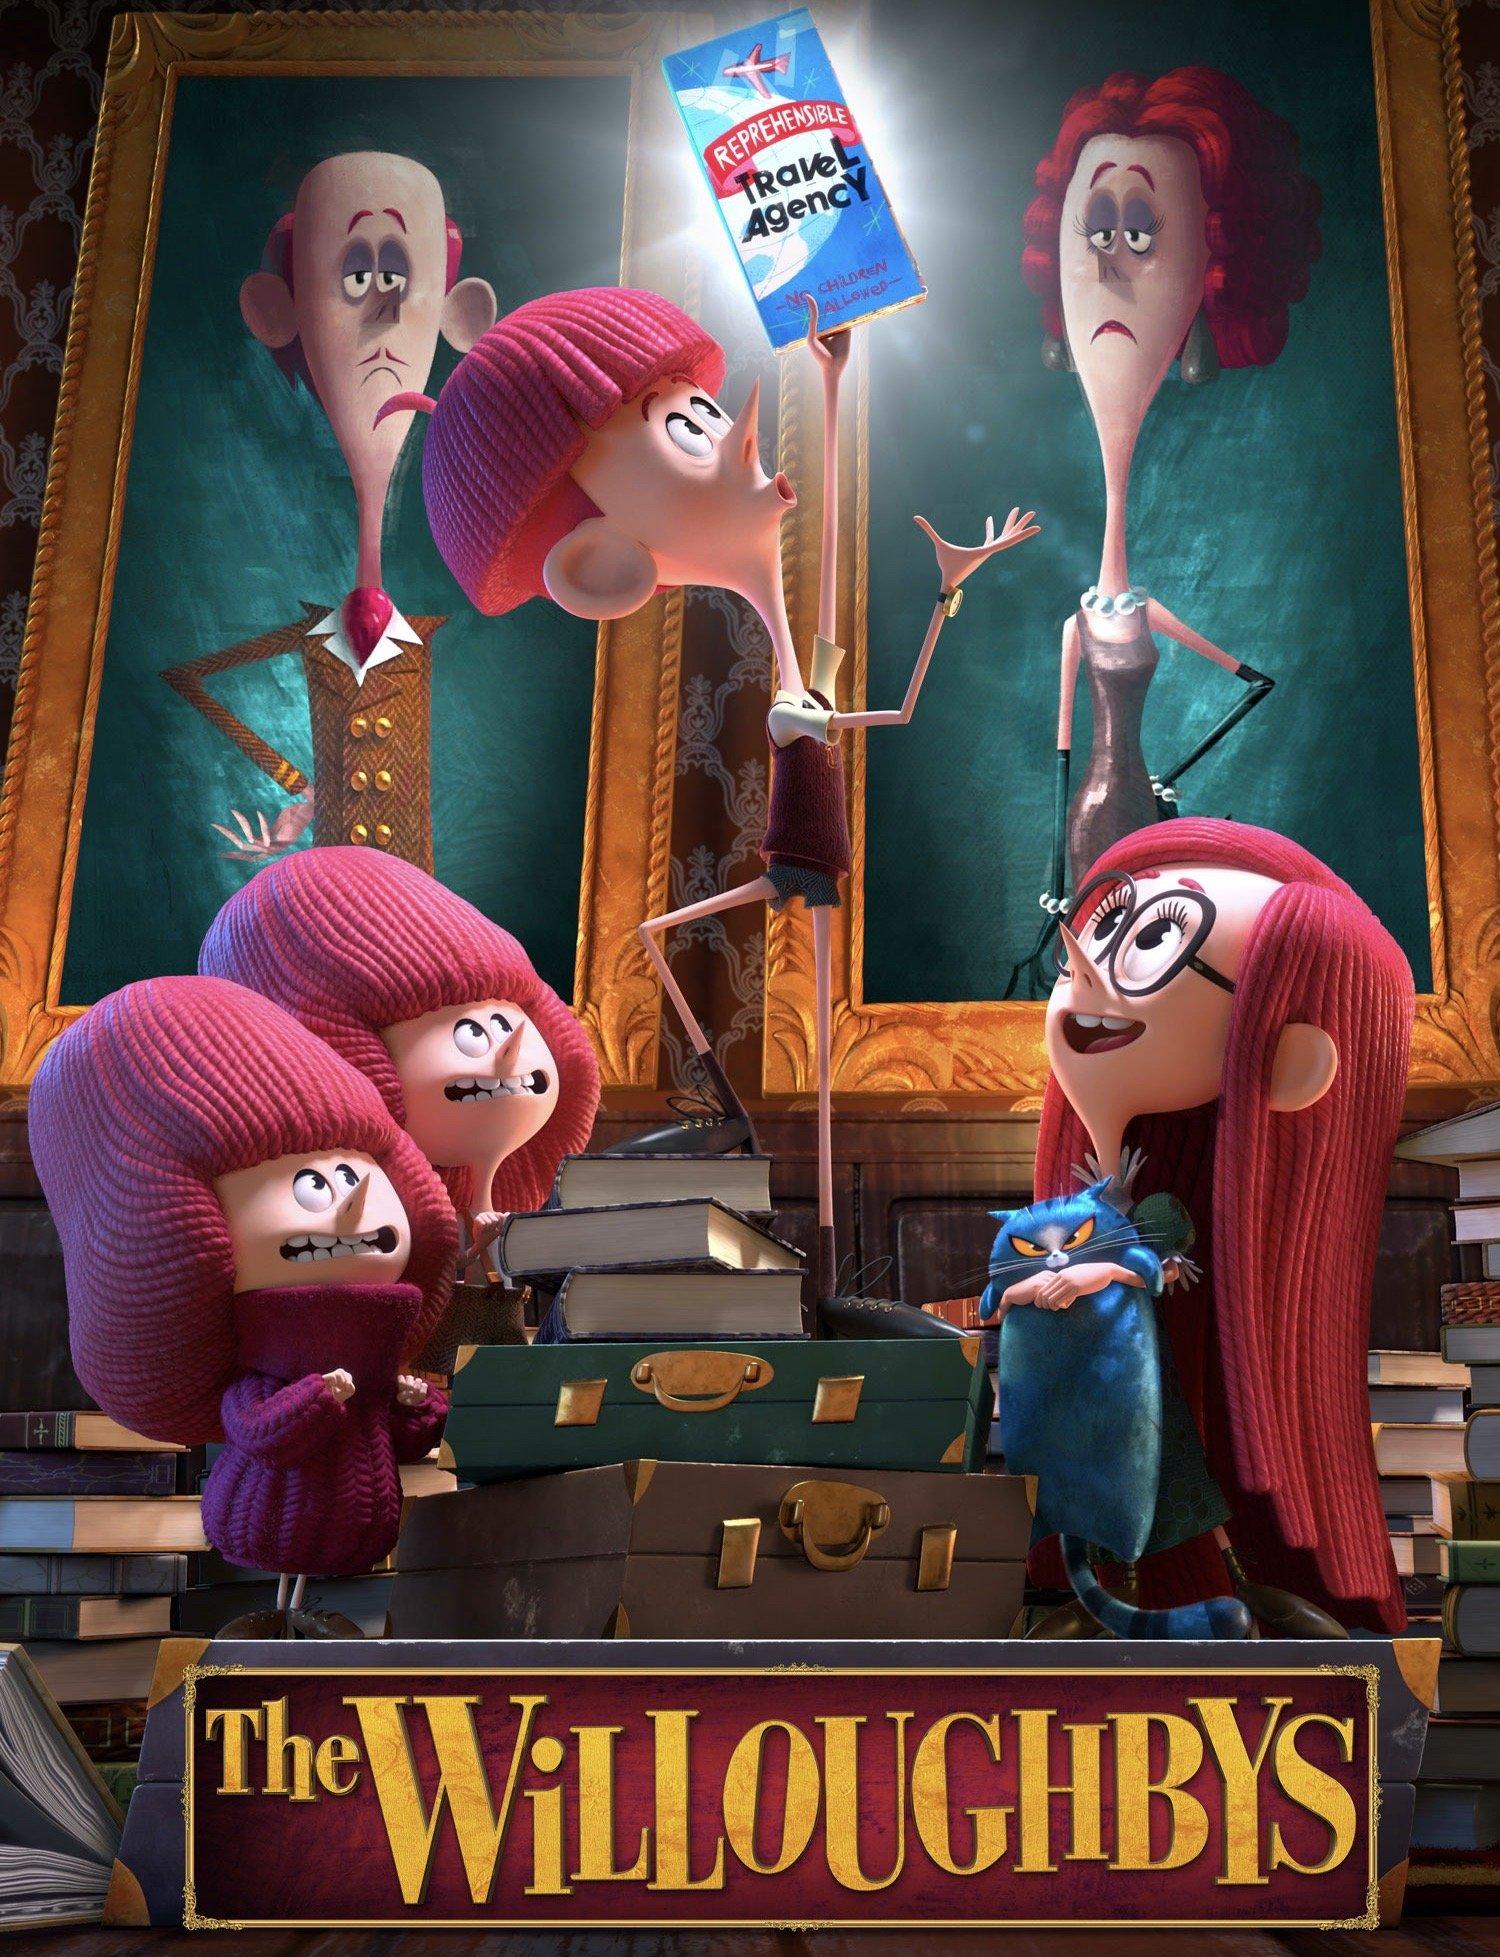 RECENSIONE FILM La Famiglia Willoughby